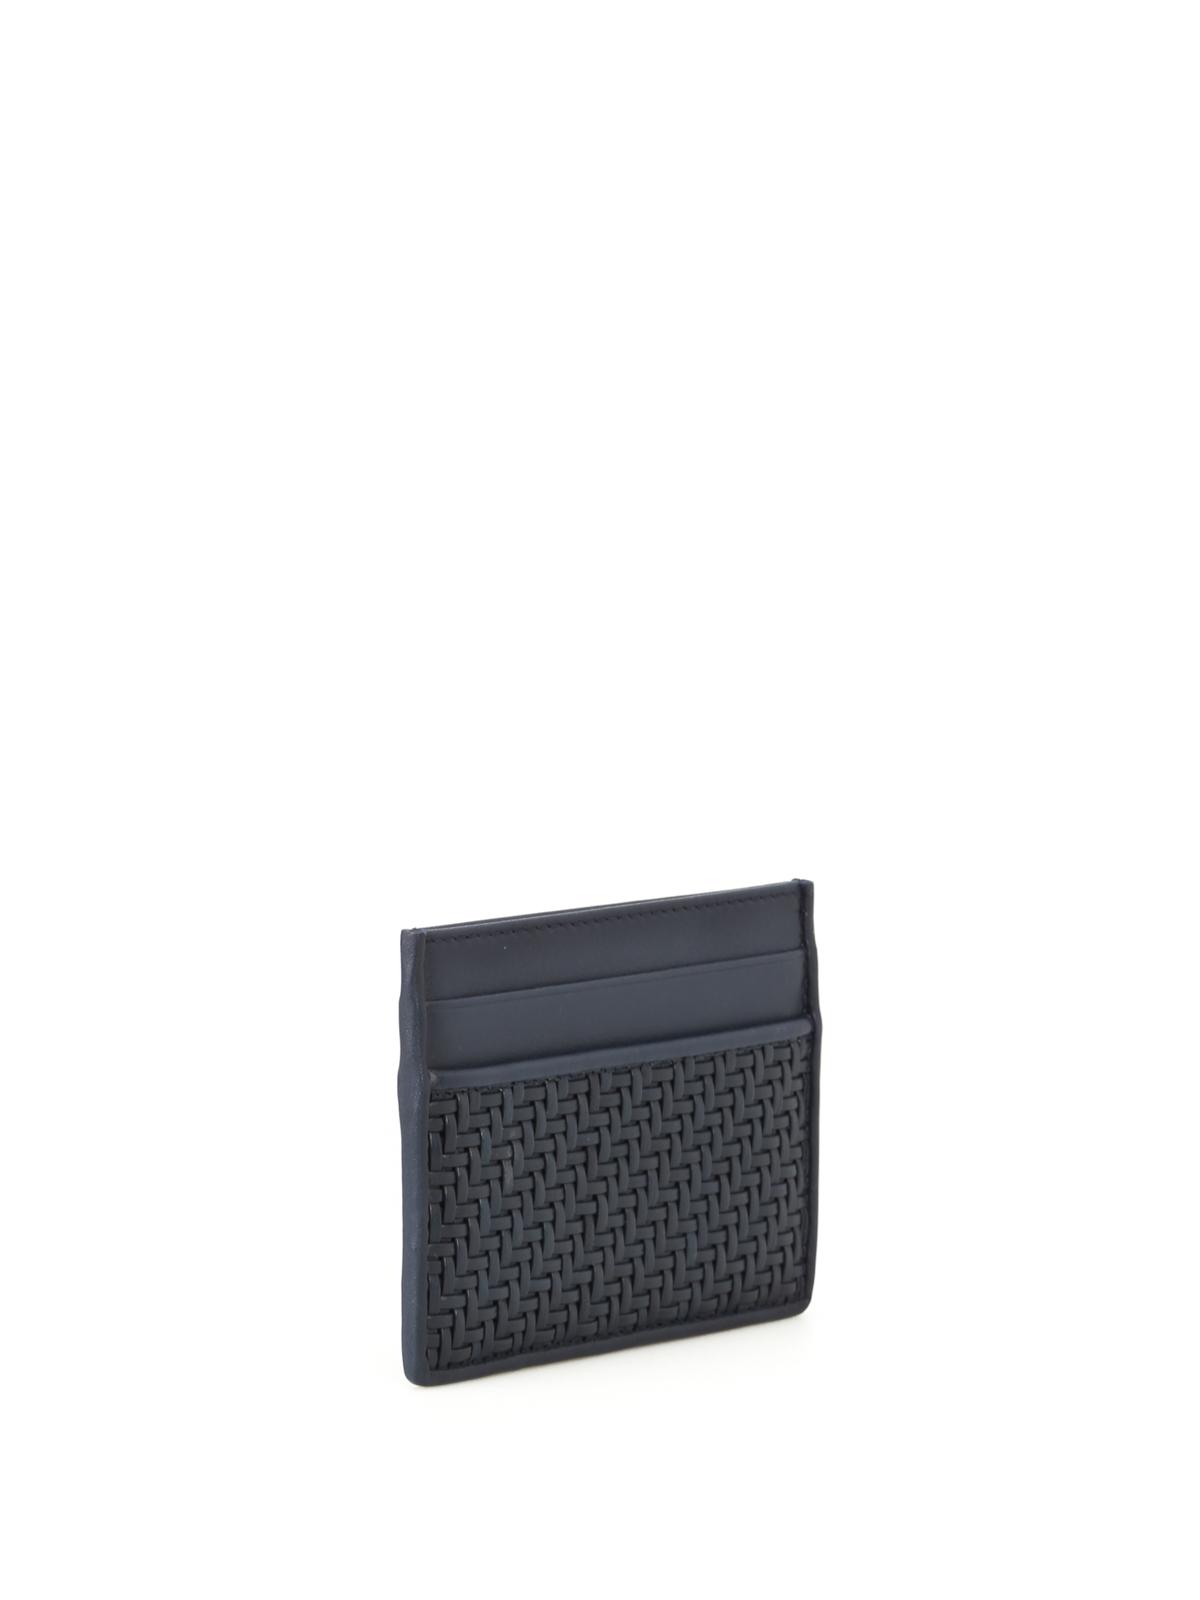 Pelle tessuta blue card holder by ermenegildo zegna wallets ermenegildo zegna wallets purses online pelle tessuta blue card holder reheart Images